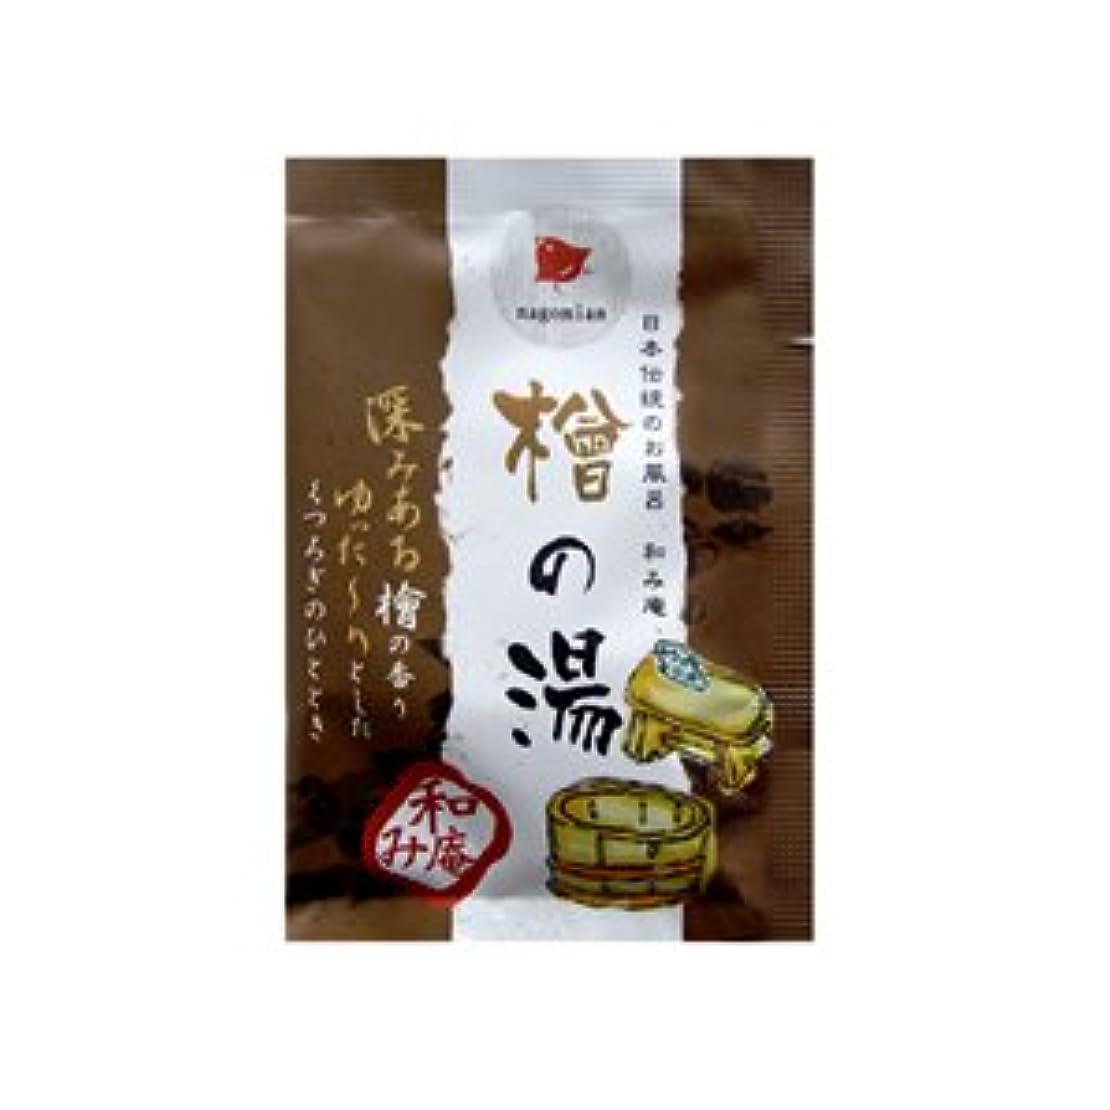 ホールドオールホテル人形日本伝統のお風呂 和み庵 檜の湯 25g 5個セット